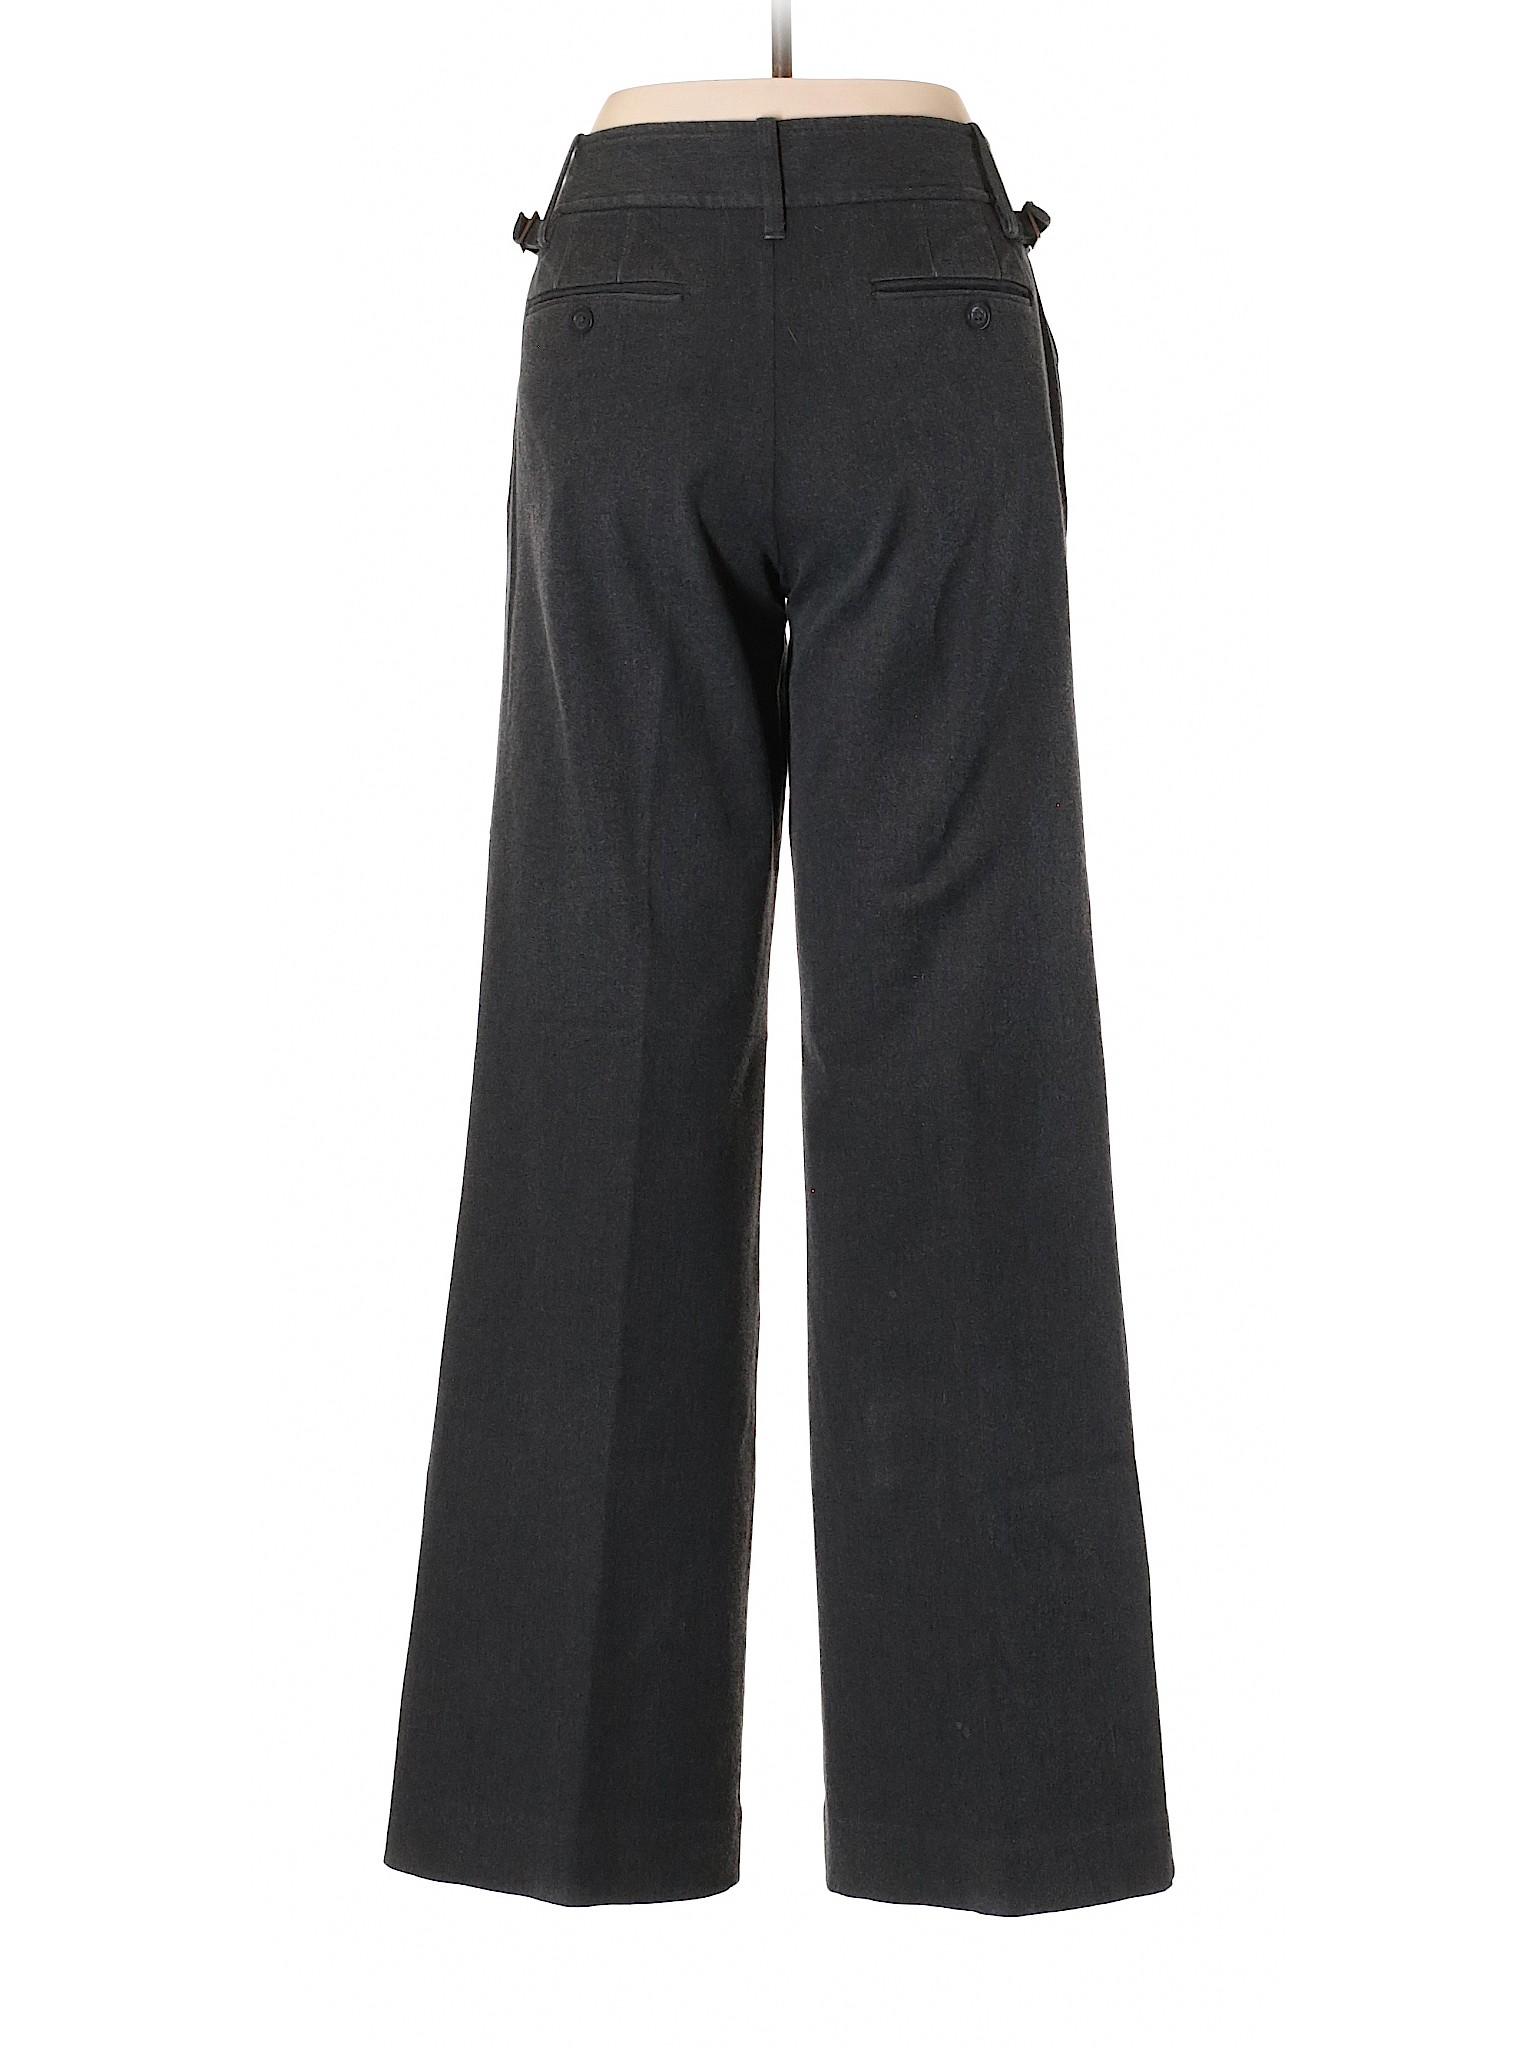 Ann Taylor Boutique Pants Dress Winter Loft EAw5q